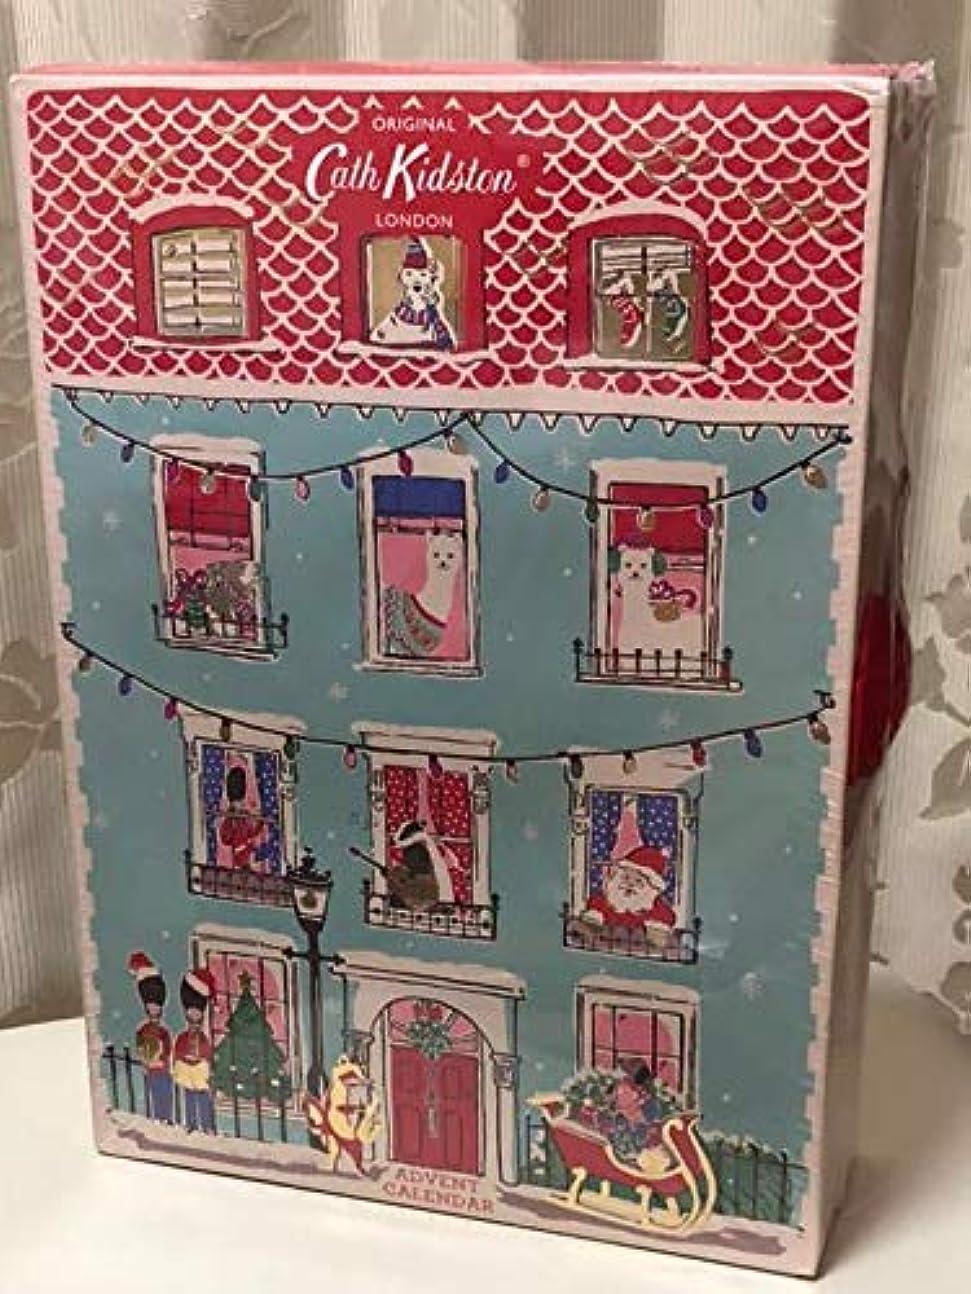 同僚マーチャンダイザーチケットキャドキッドソン Cath Kidson 日本未発売 クリスマスアドベントカレンダー ハンドクリームセット